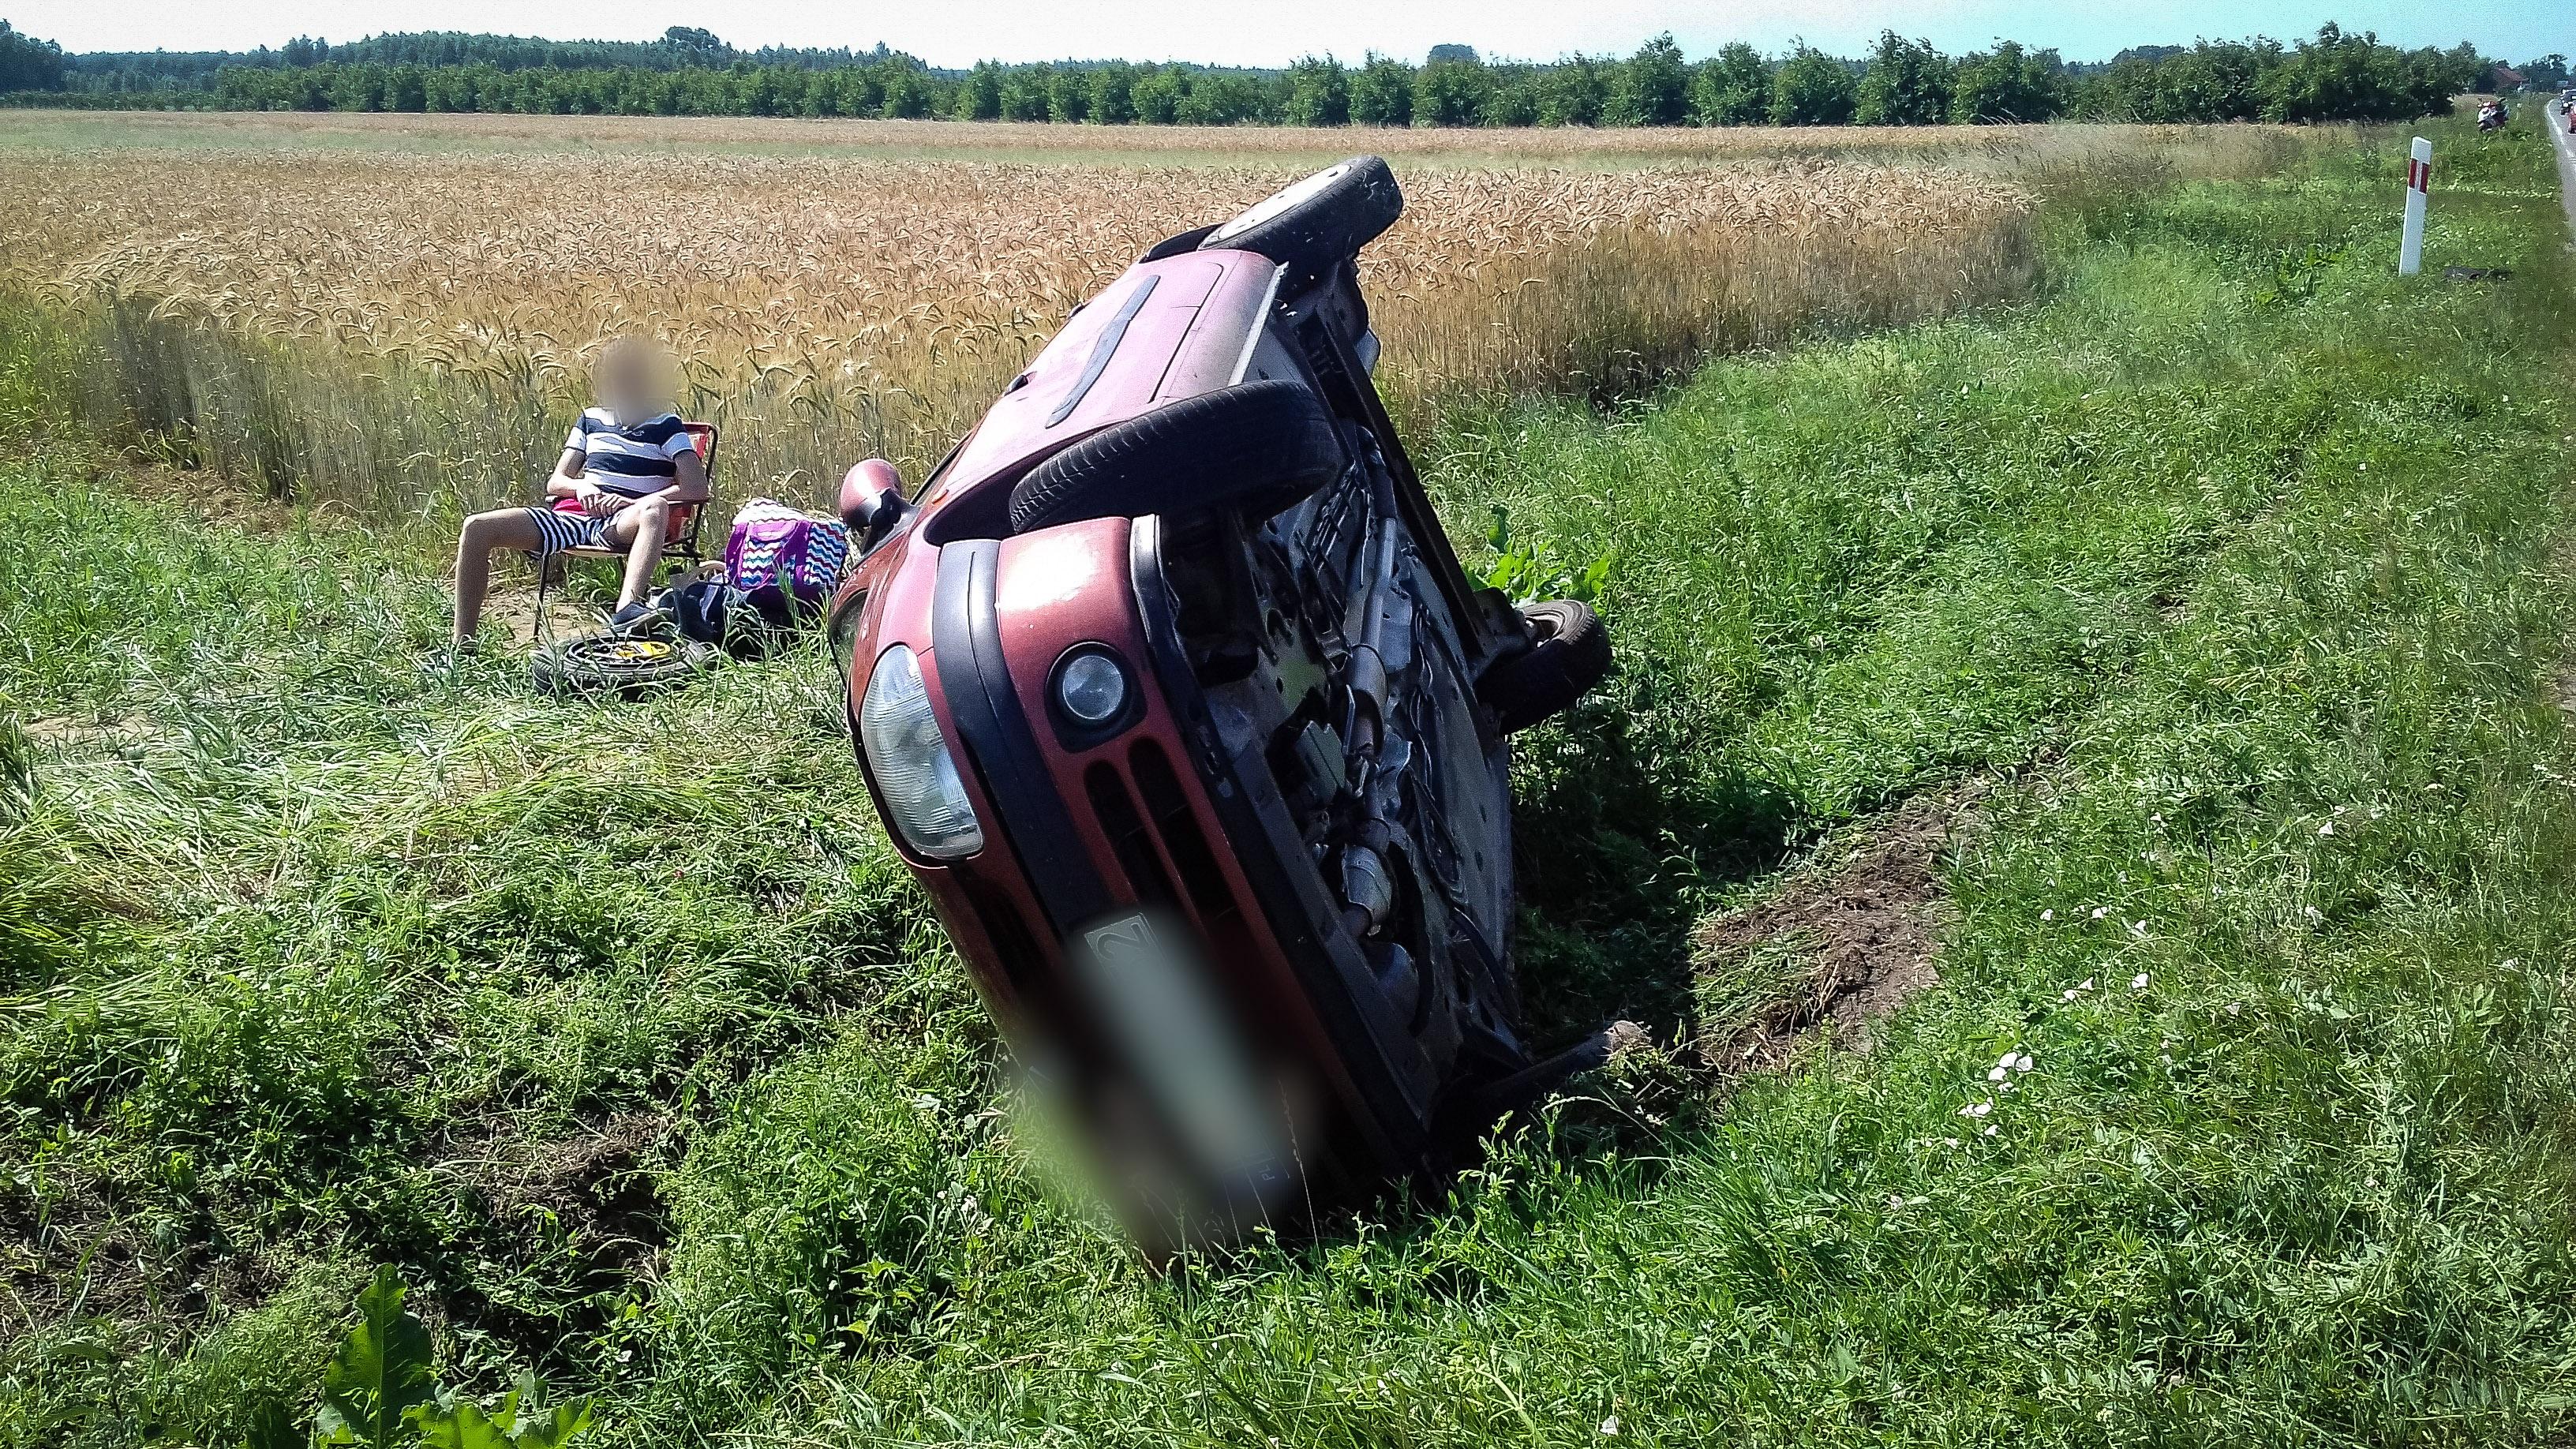 Wypadek! Duże utrudnienia na drodze Mielec - Tarnobrzeg w miejscowości Padew Narodowa - Zdjęcie główne